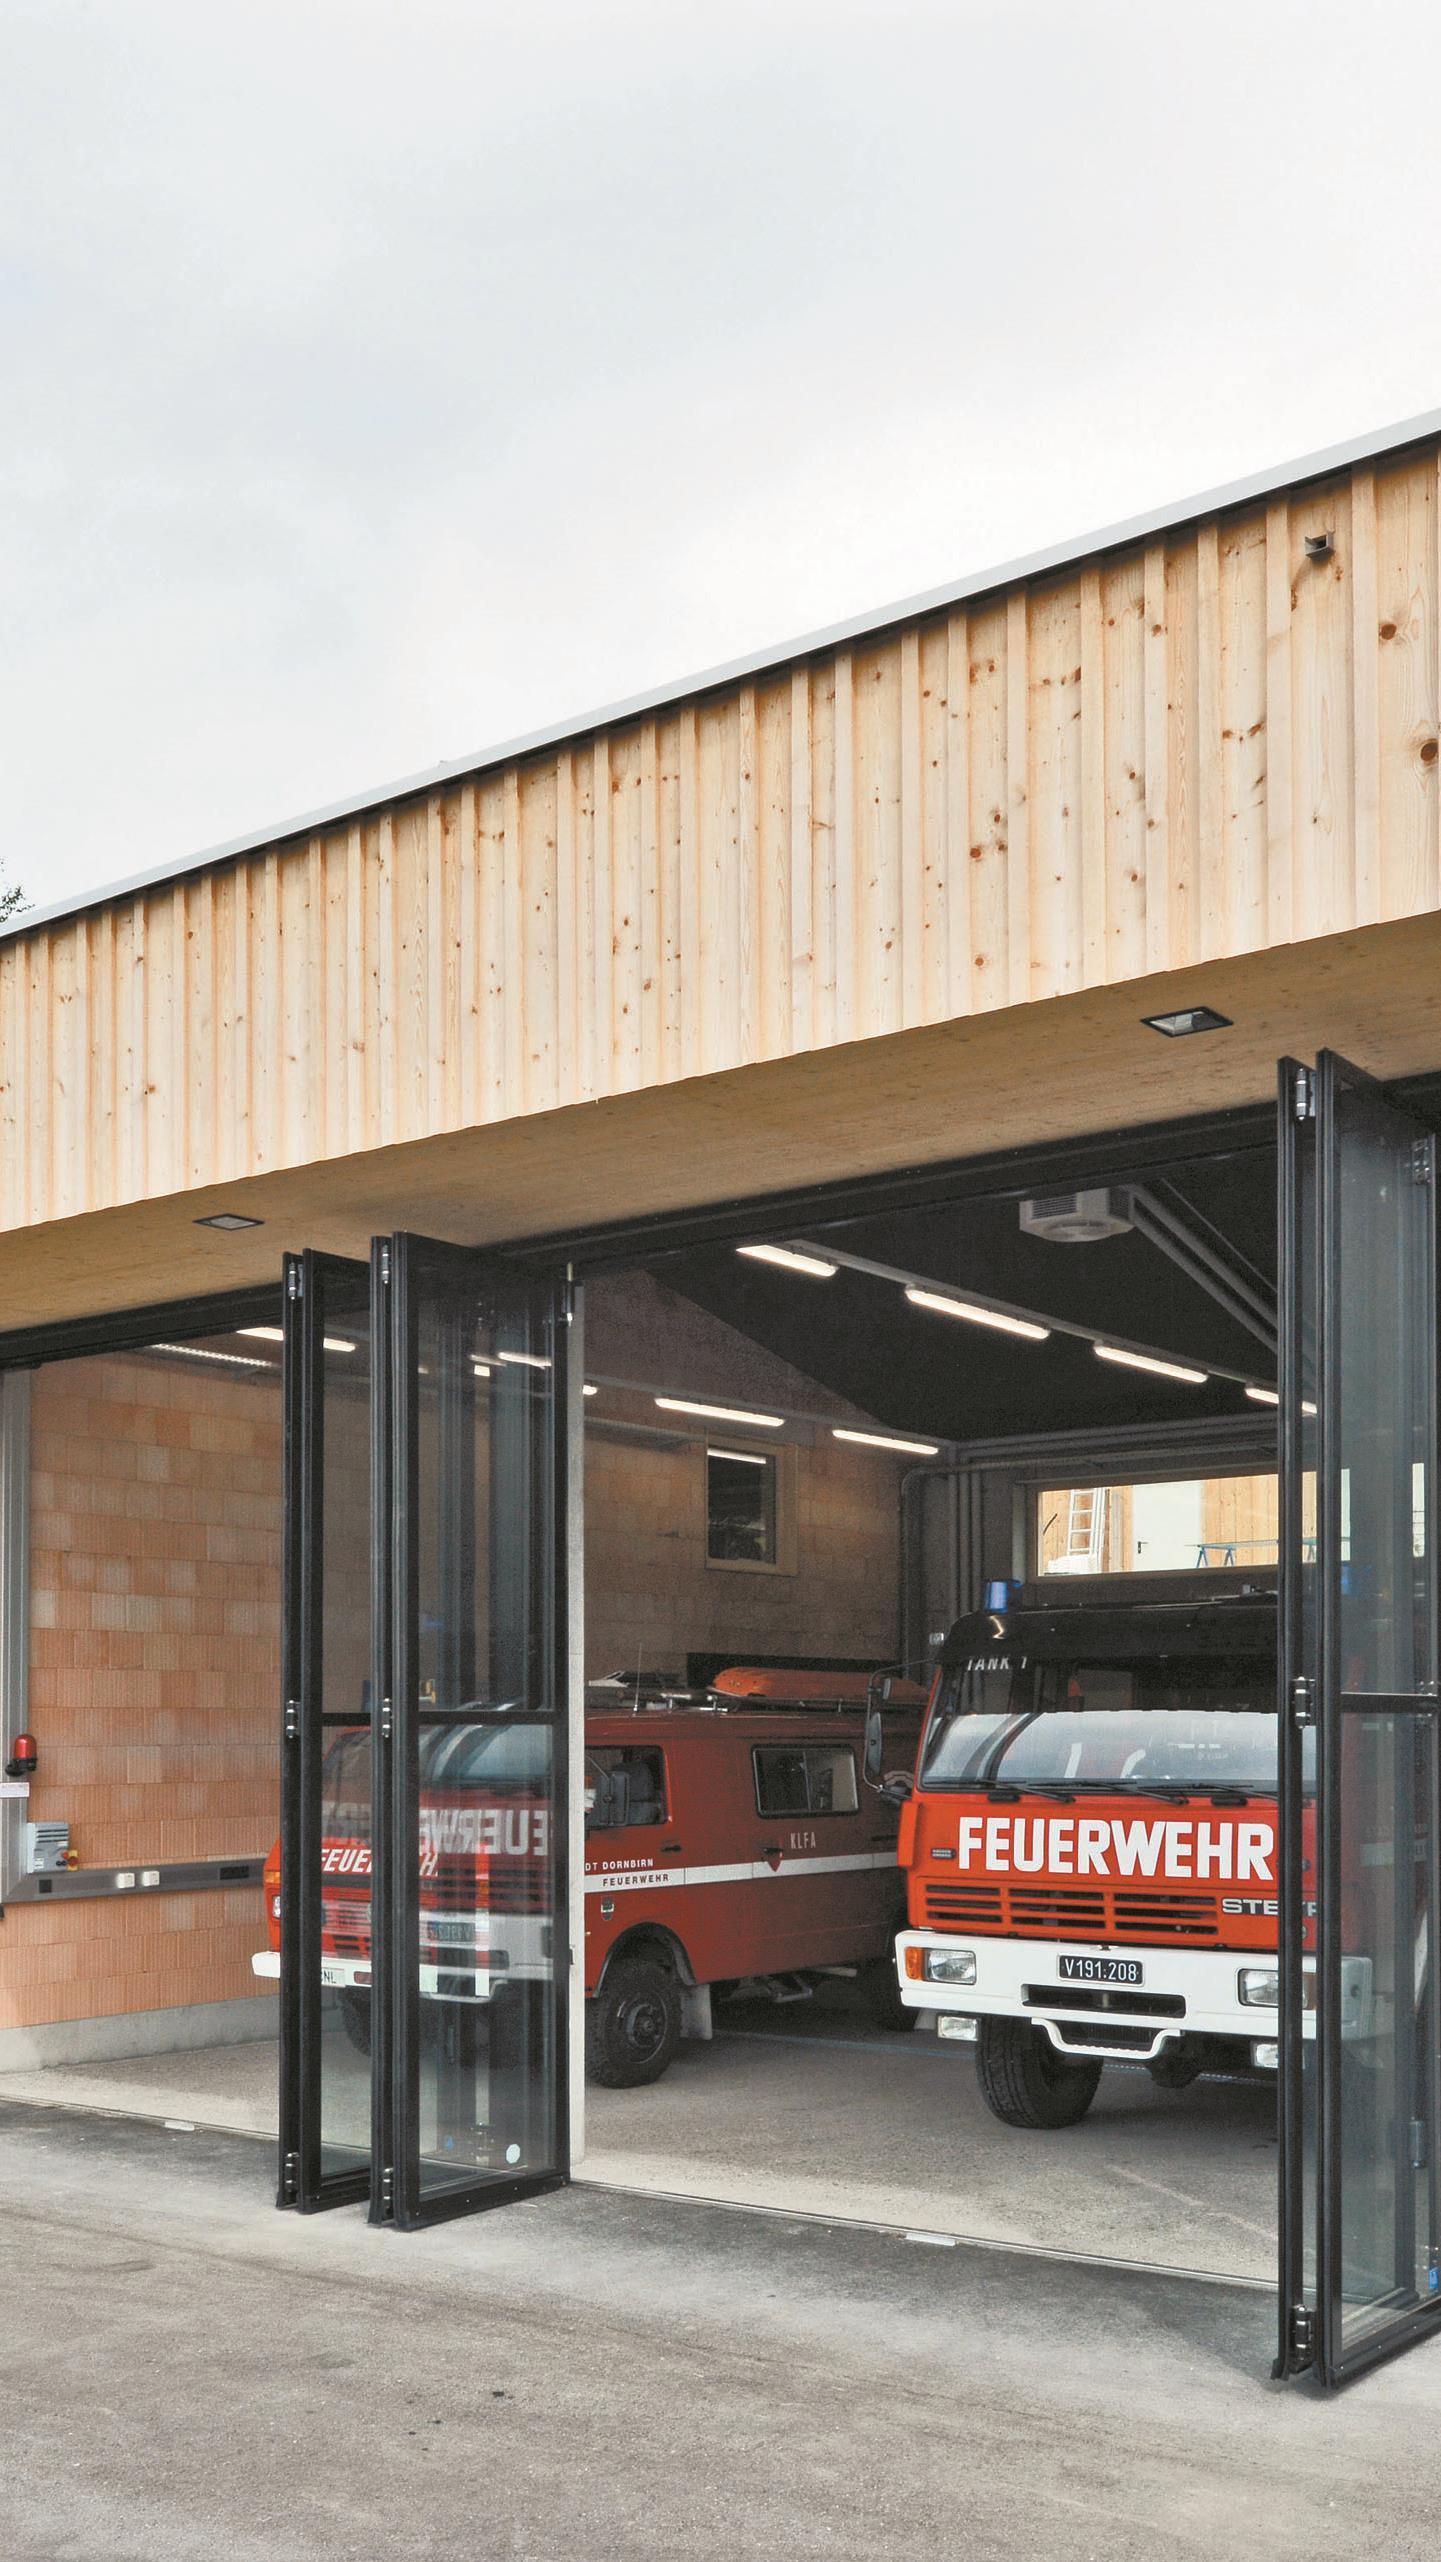 Das neue Feuerwehrgerätehaus ist schlicht, einfach und funktionell.